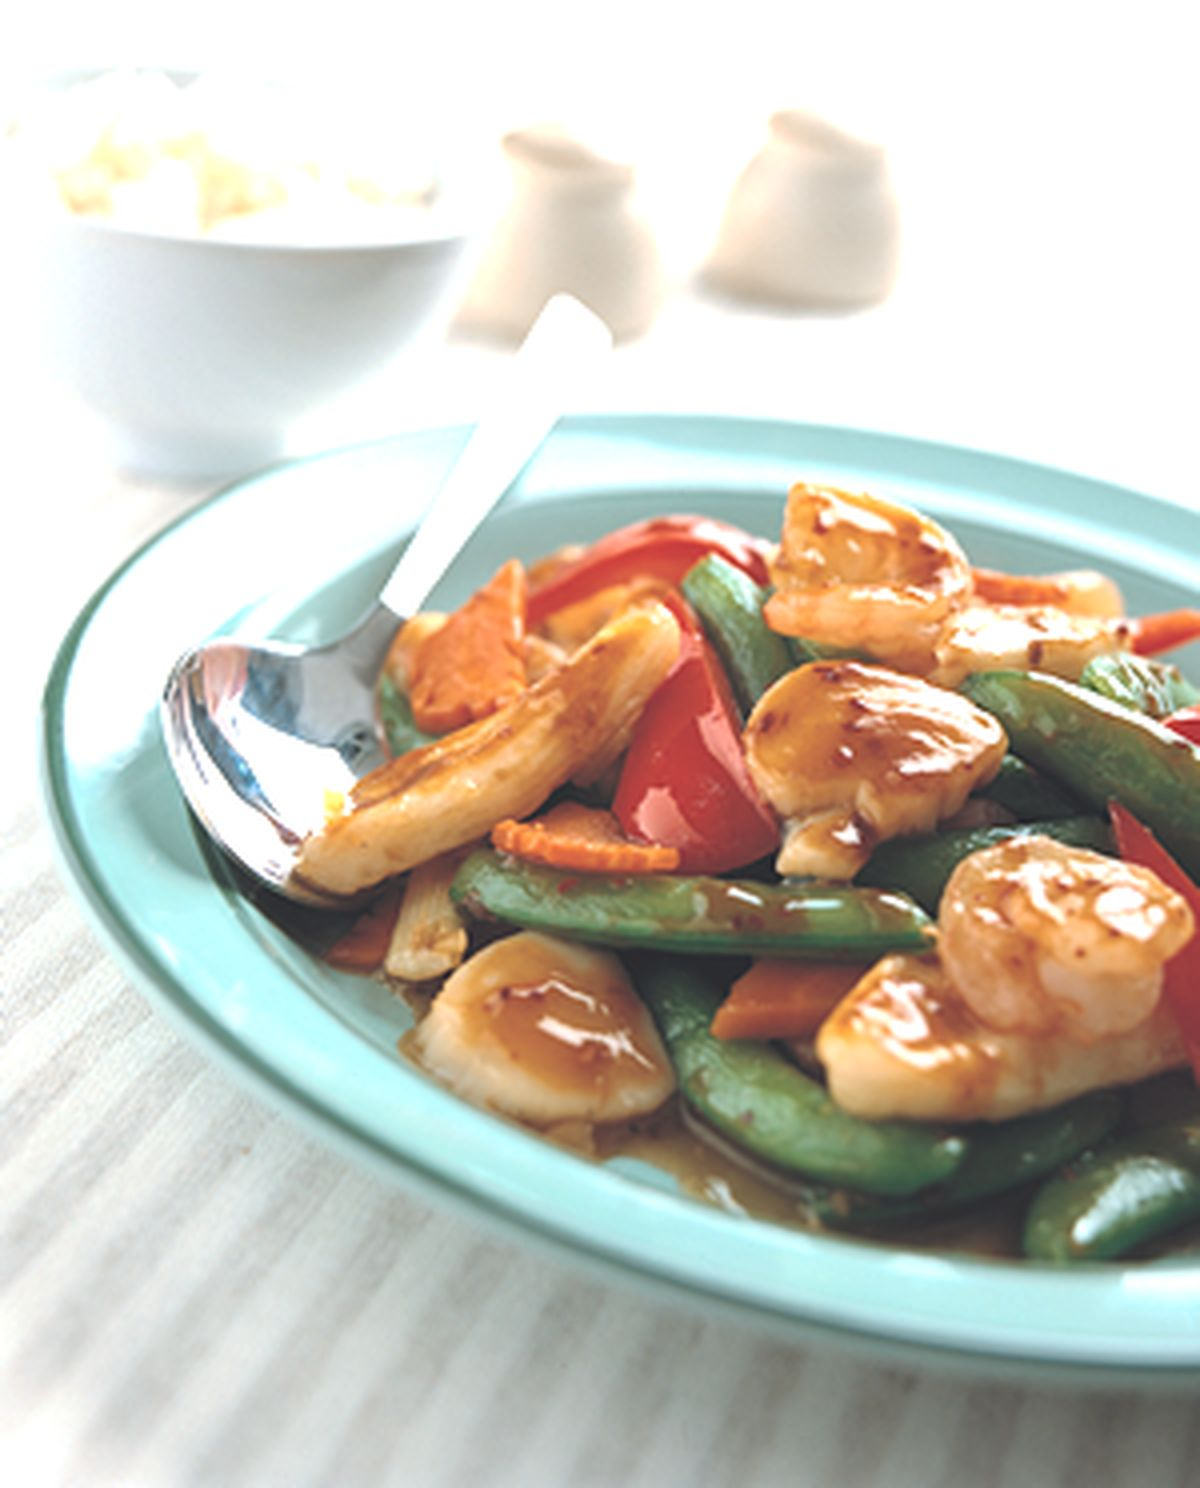 食譜:什錦炒海鮮